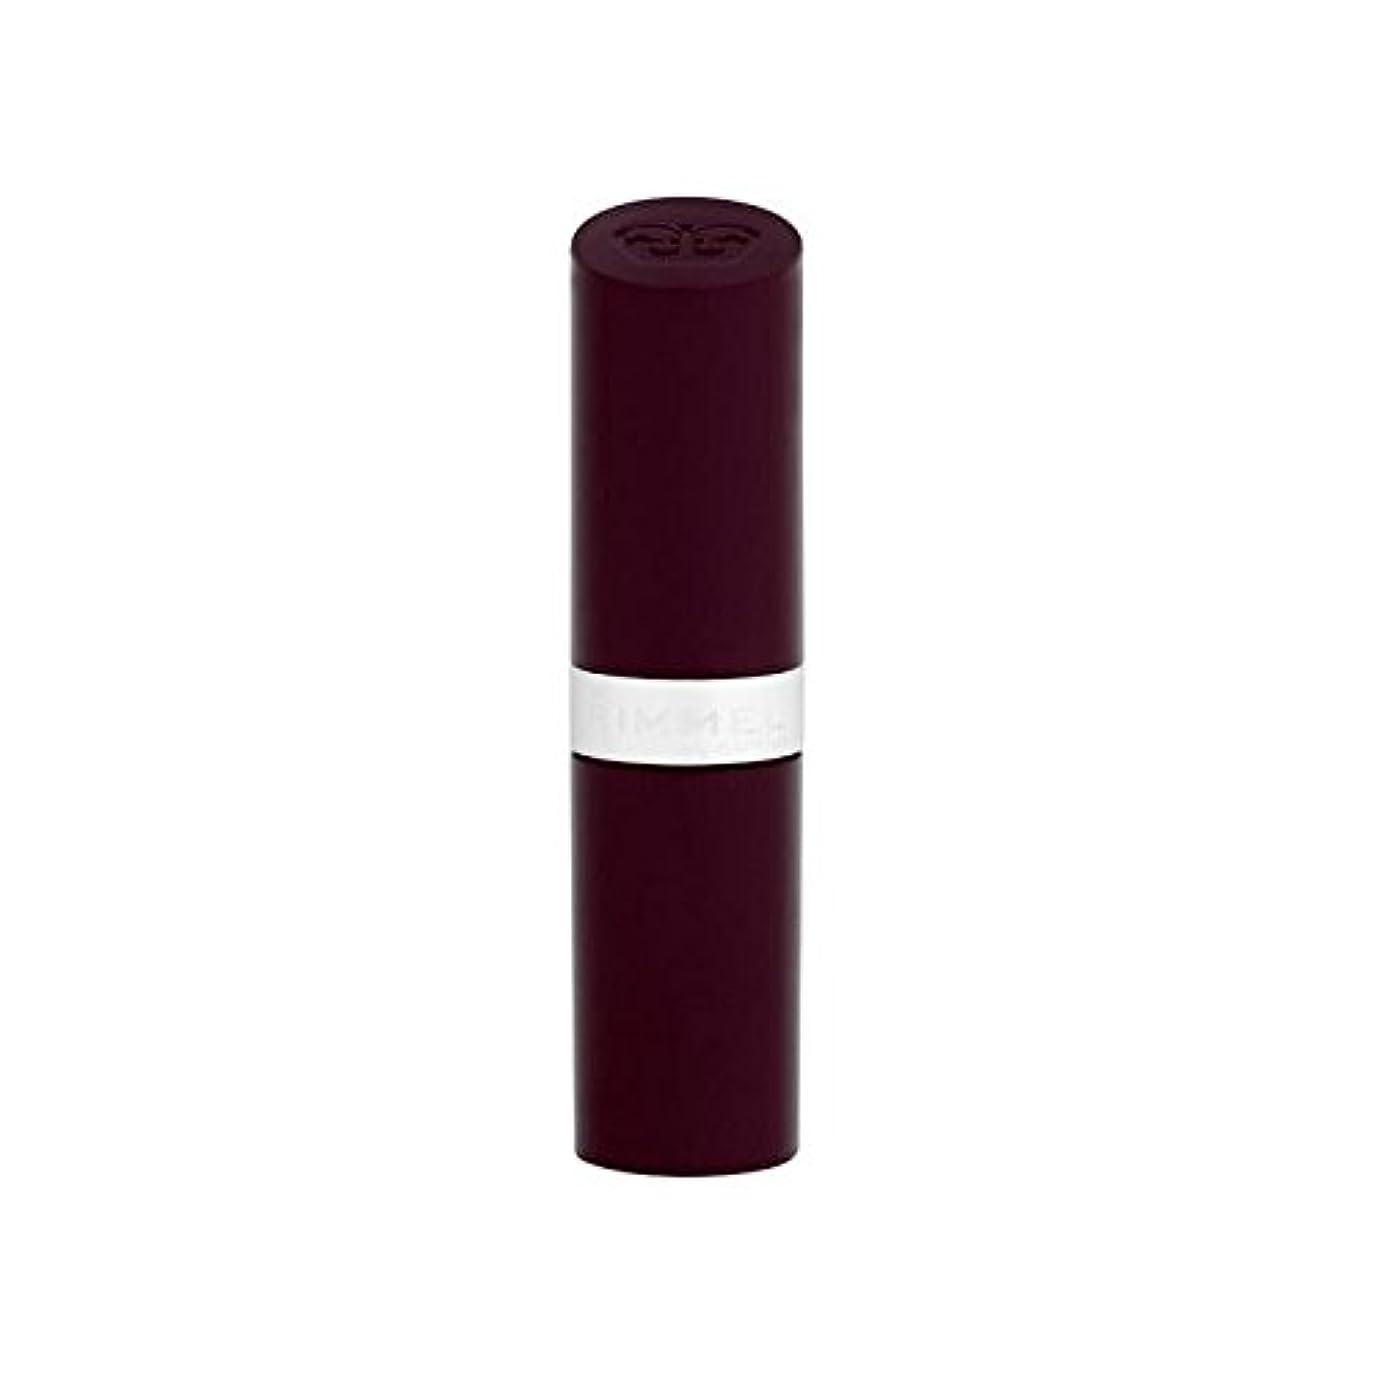 補助短命要求するRimmel Lasting Finish Lipstick Heather Shimmer 66 - リンメル持続的な仕上げの口紅杢きらめき66 [並行輸入品]